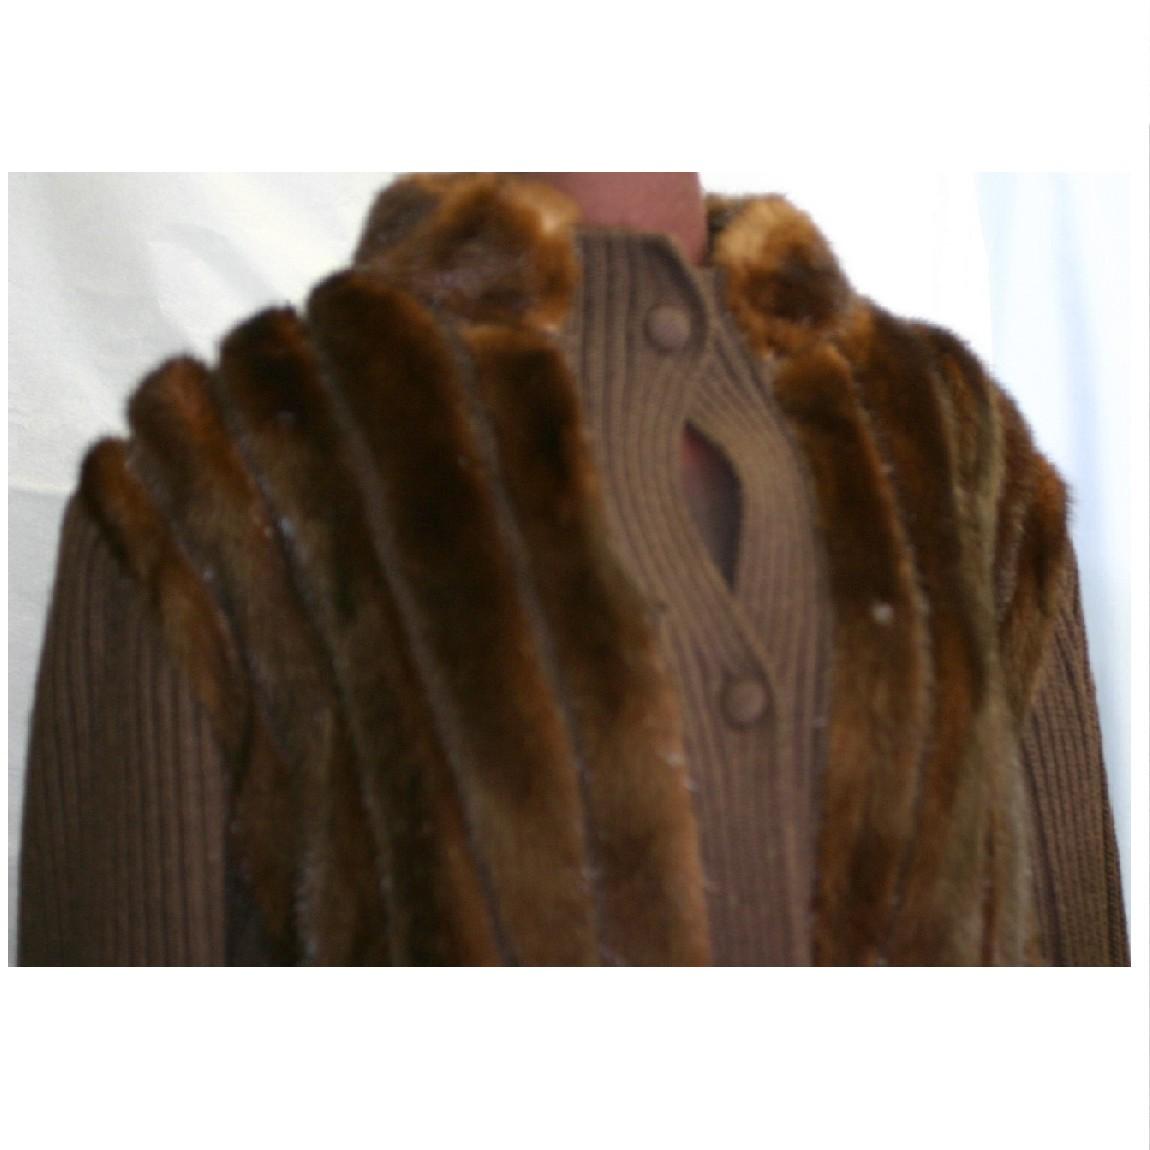 【中古】本物美品女性用焦げ茶色ミンクに焦げ茶色ニットを使用してある暖かいブルゾンサイズ11号位着丈62cm 281221-3